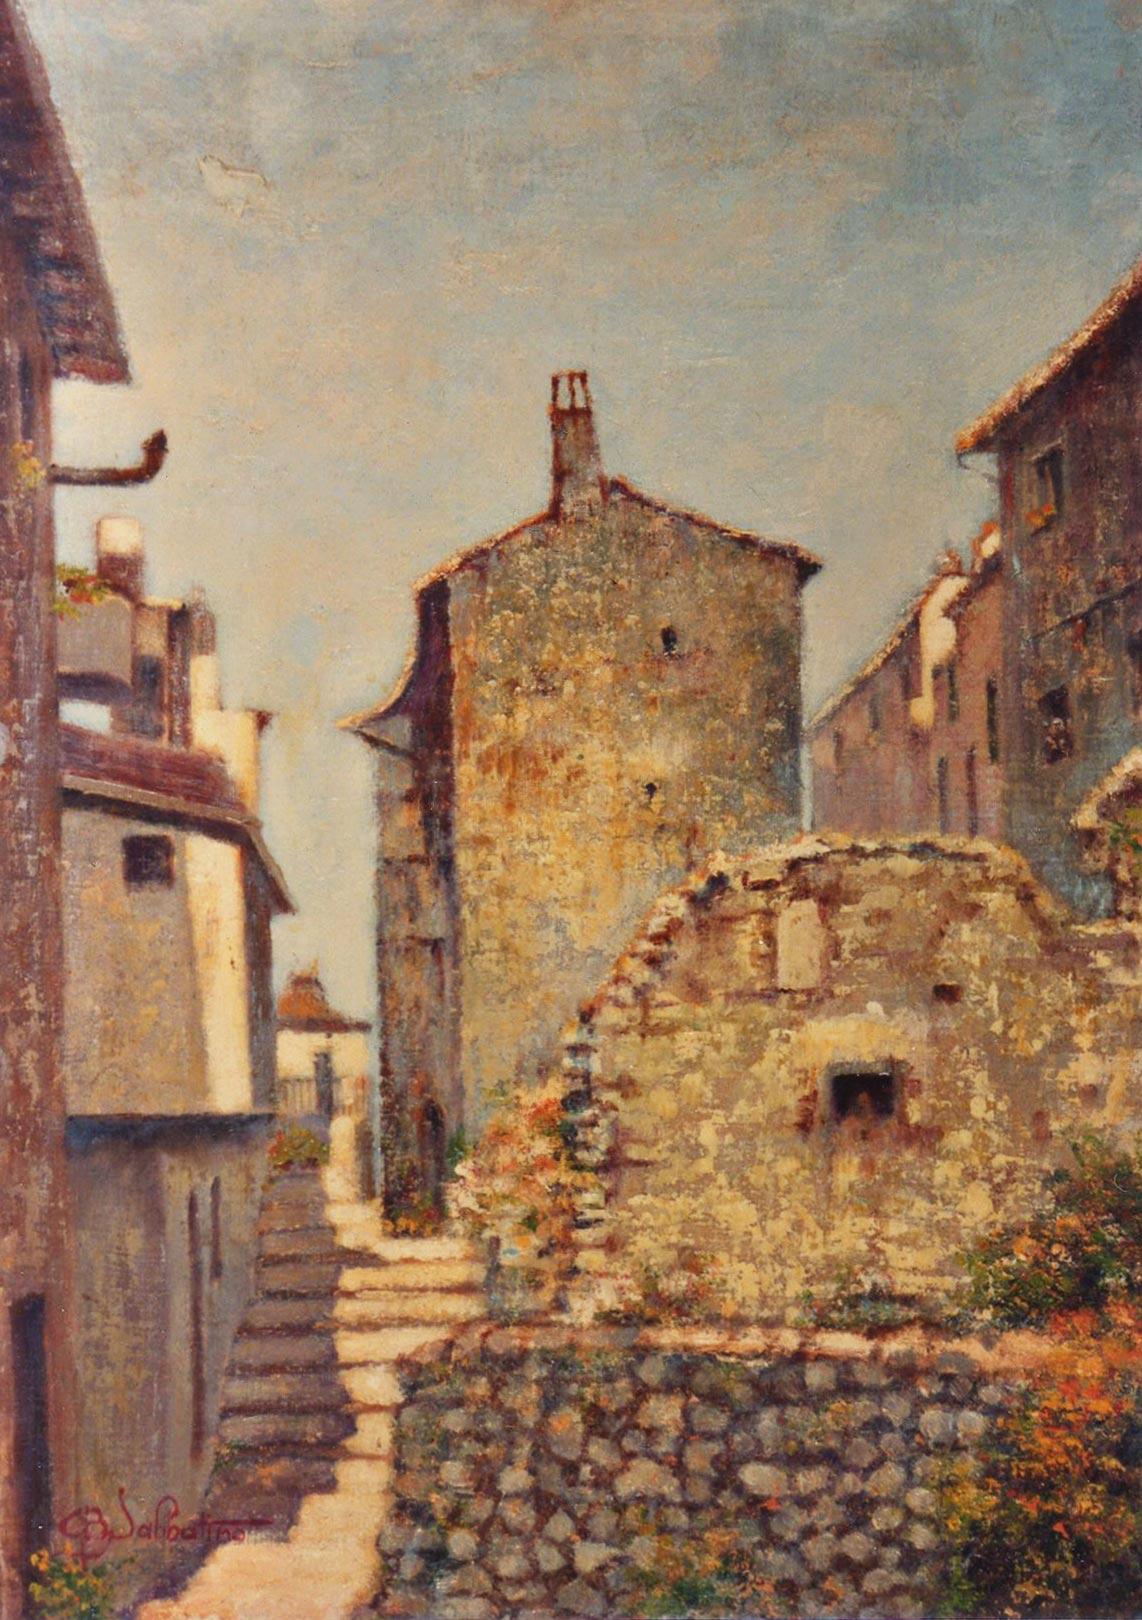 quadri paesaggi Tagliacozzo abruzzo faesite Sabbatino